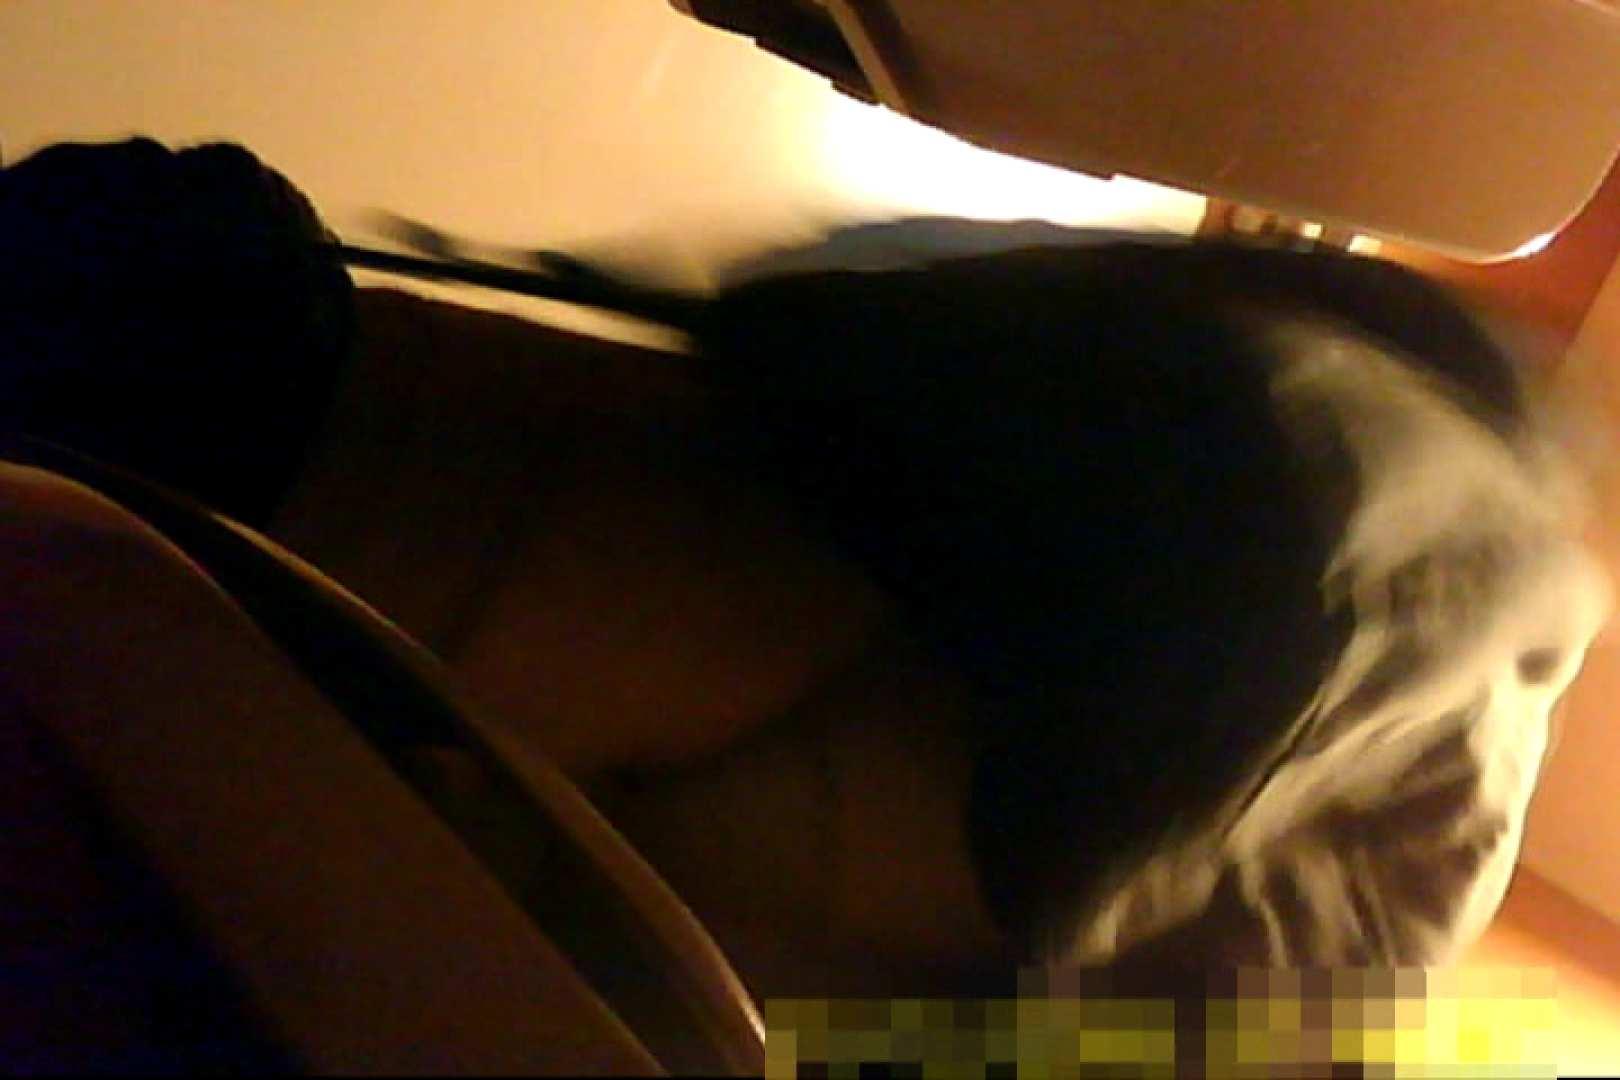 魅惑の化粧室~禁断のプライベート空間~vol.8 その他 | すけべなOL  89画像 5